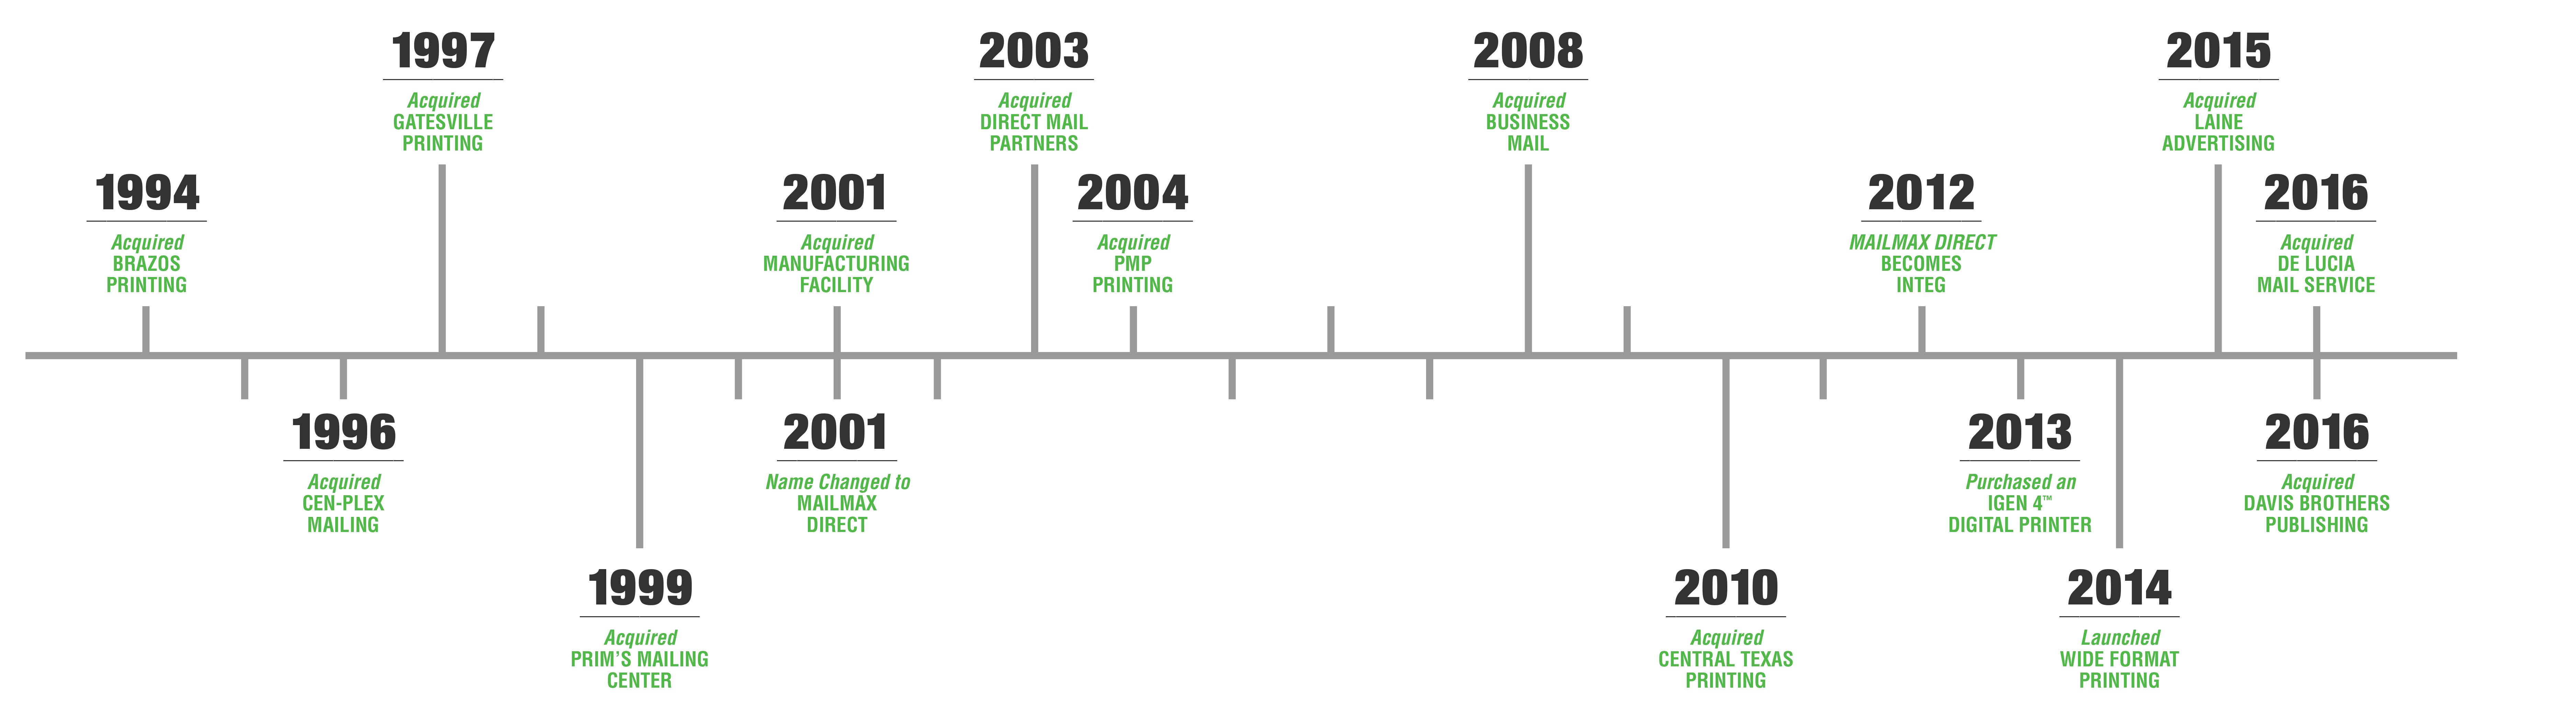 Integ Acquisition Timeline